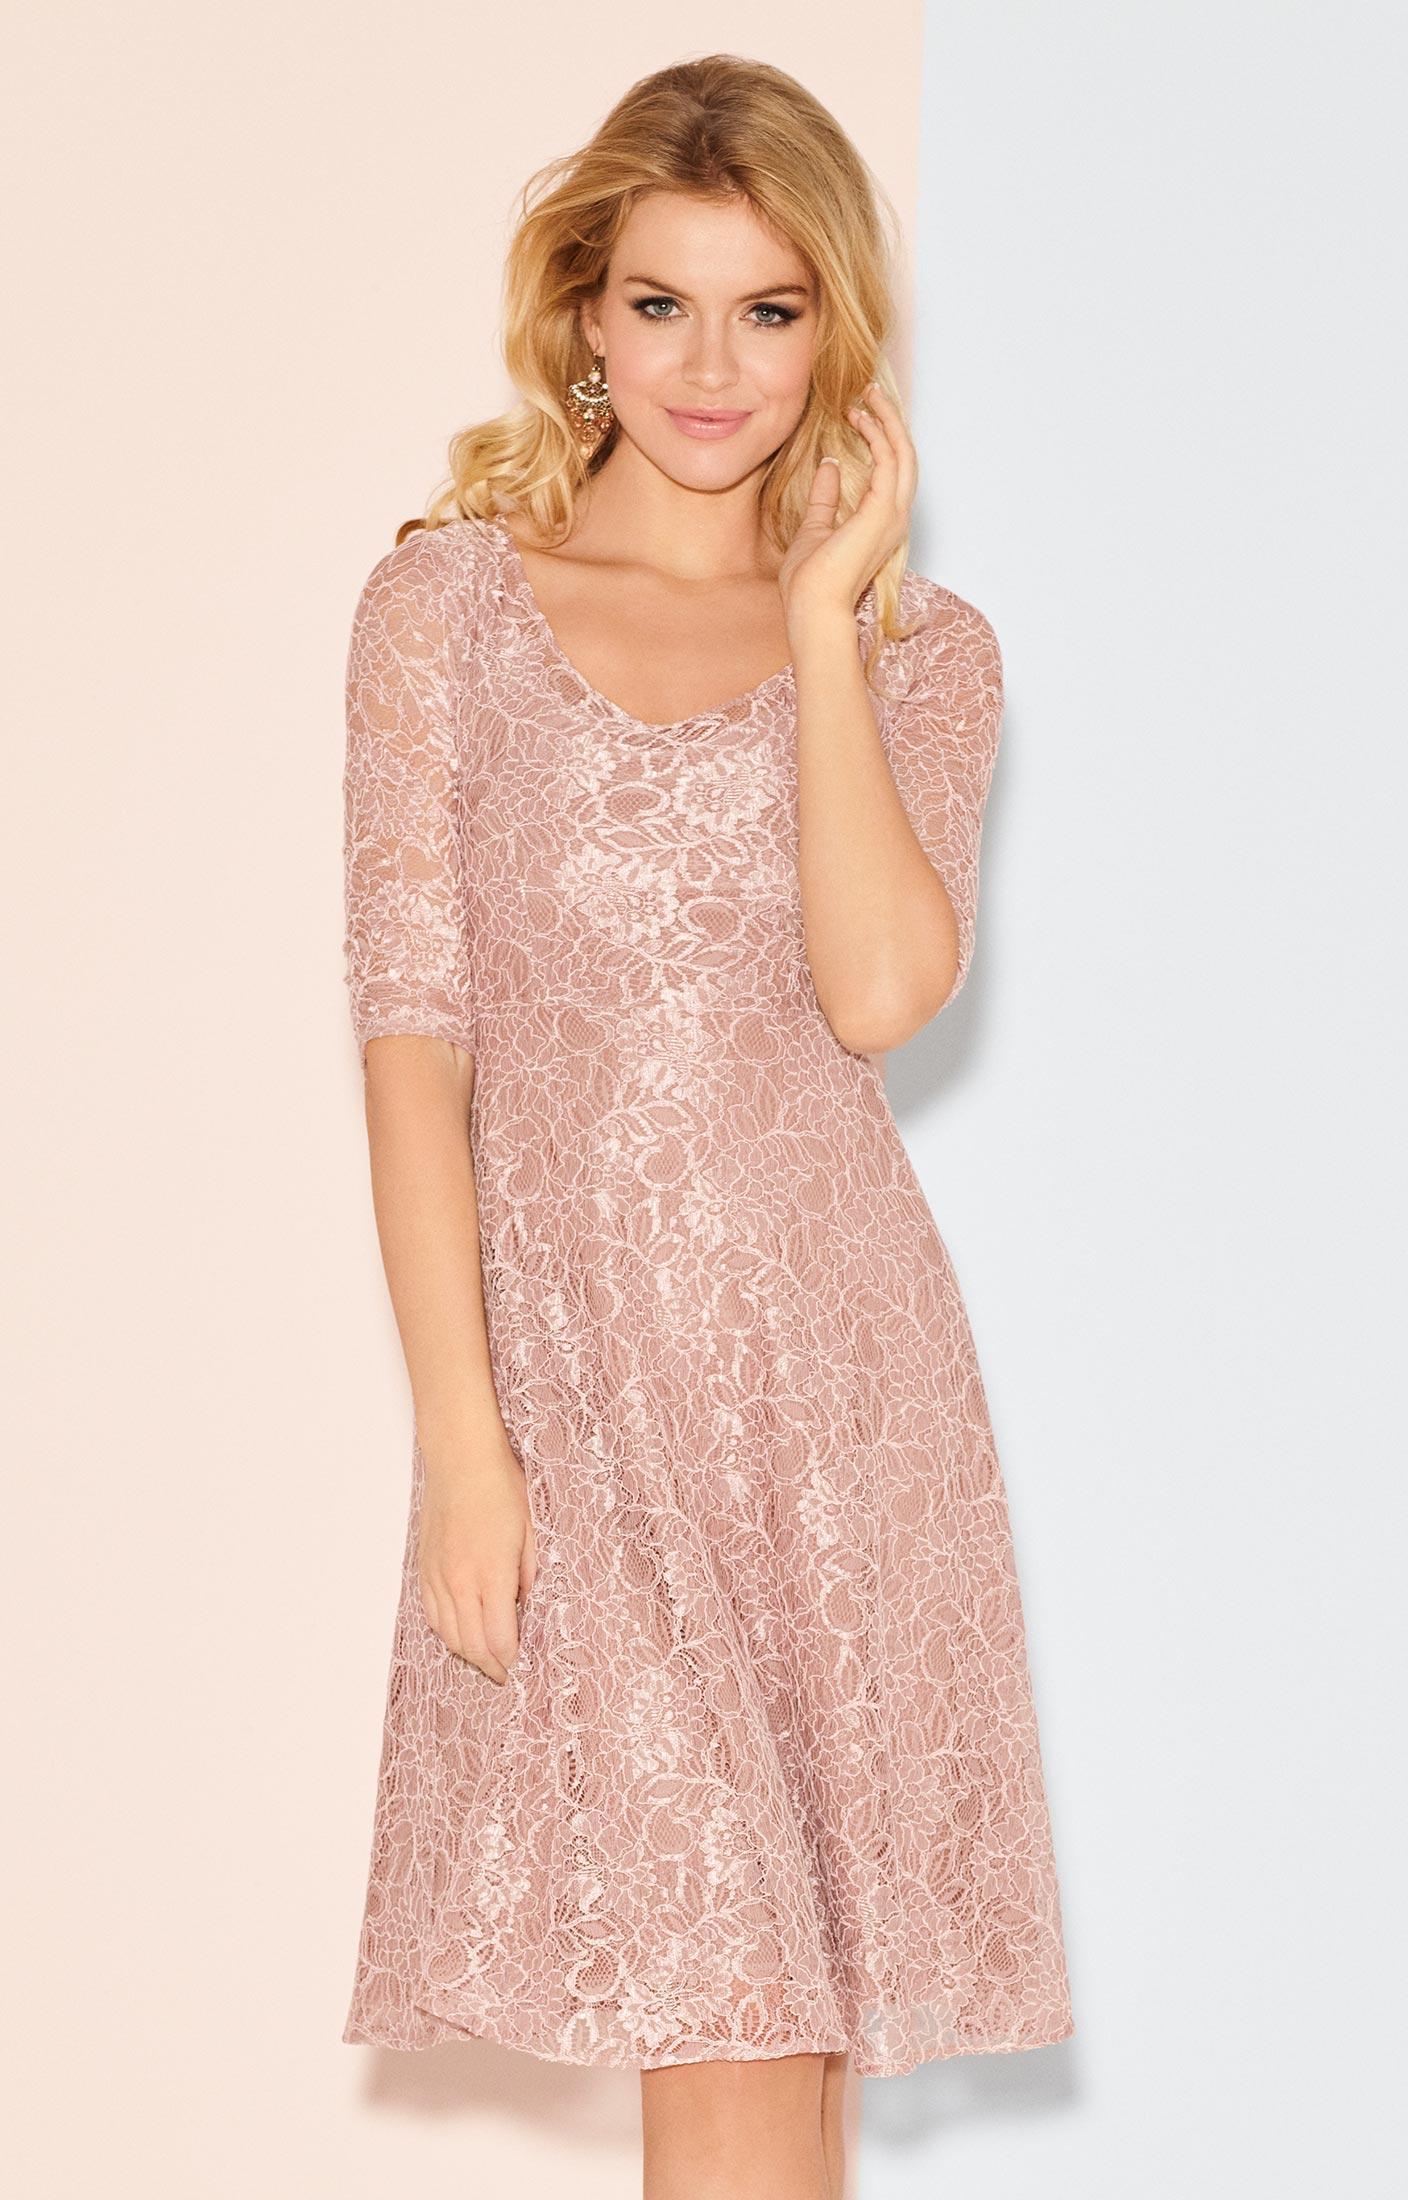 Kleid Blush HochzeitskleiderAbendgarderobe Arabella Orchid in 8wOnPX0k